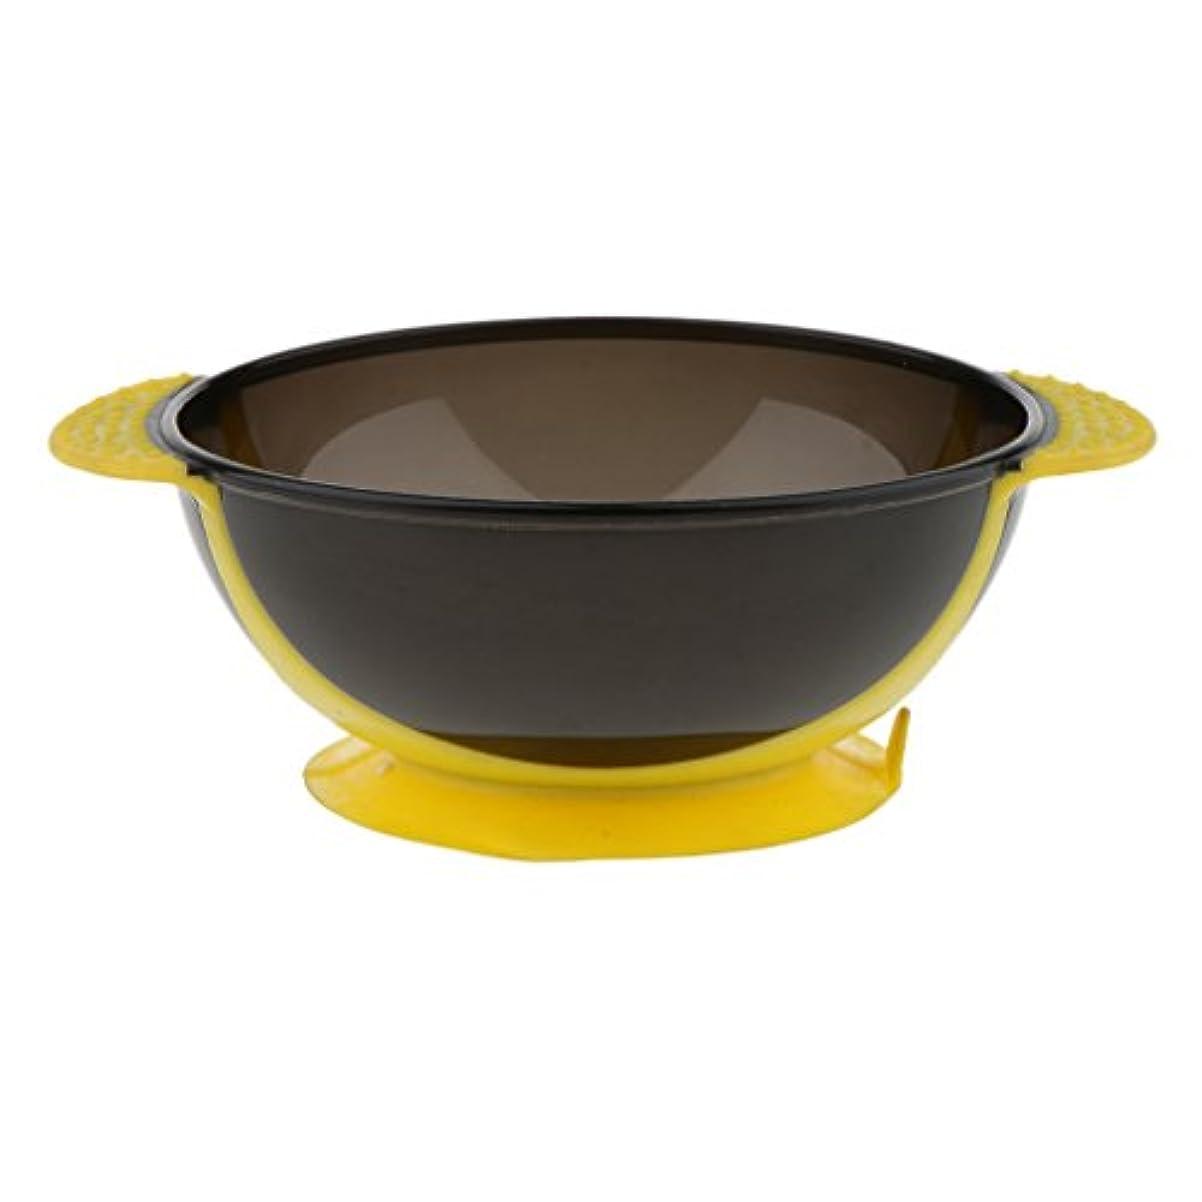 法的フォーマル導入するToygogo ヘアカラー ミキシングボウル ヘアダイボウル 染料 色合い 髪染めミント 吸引ベース 3色選べる - 黄